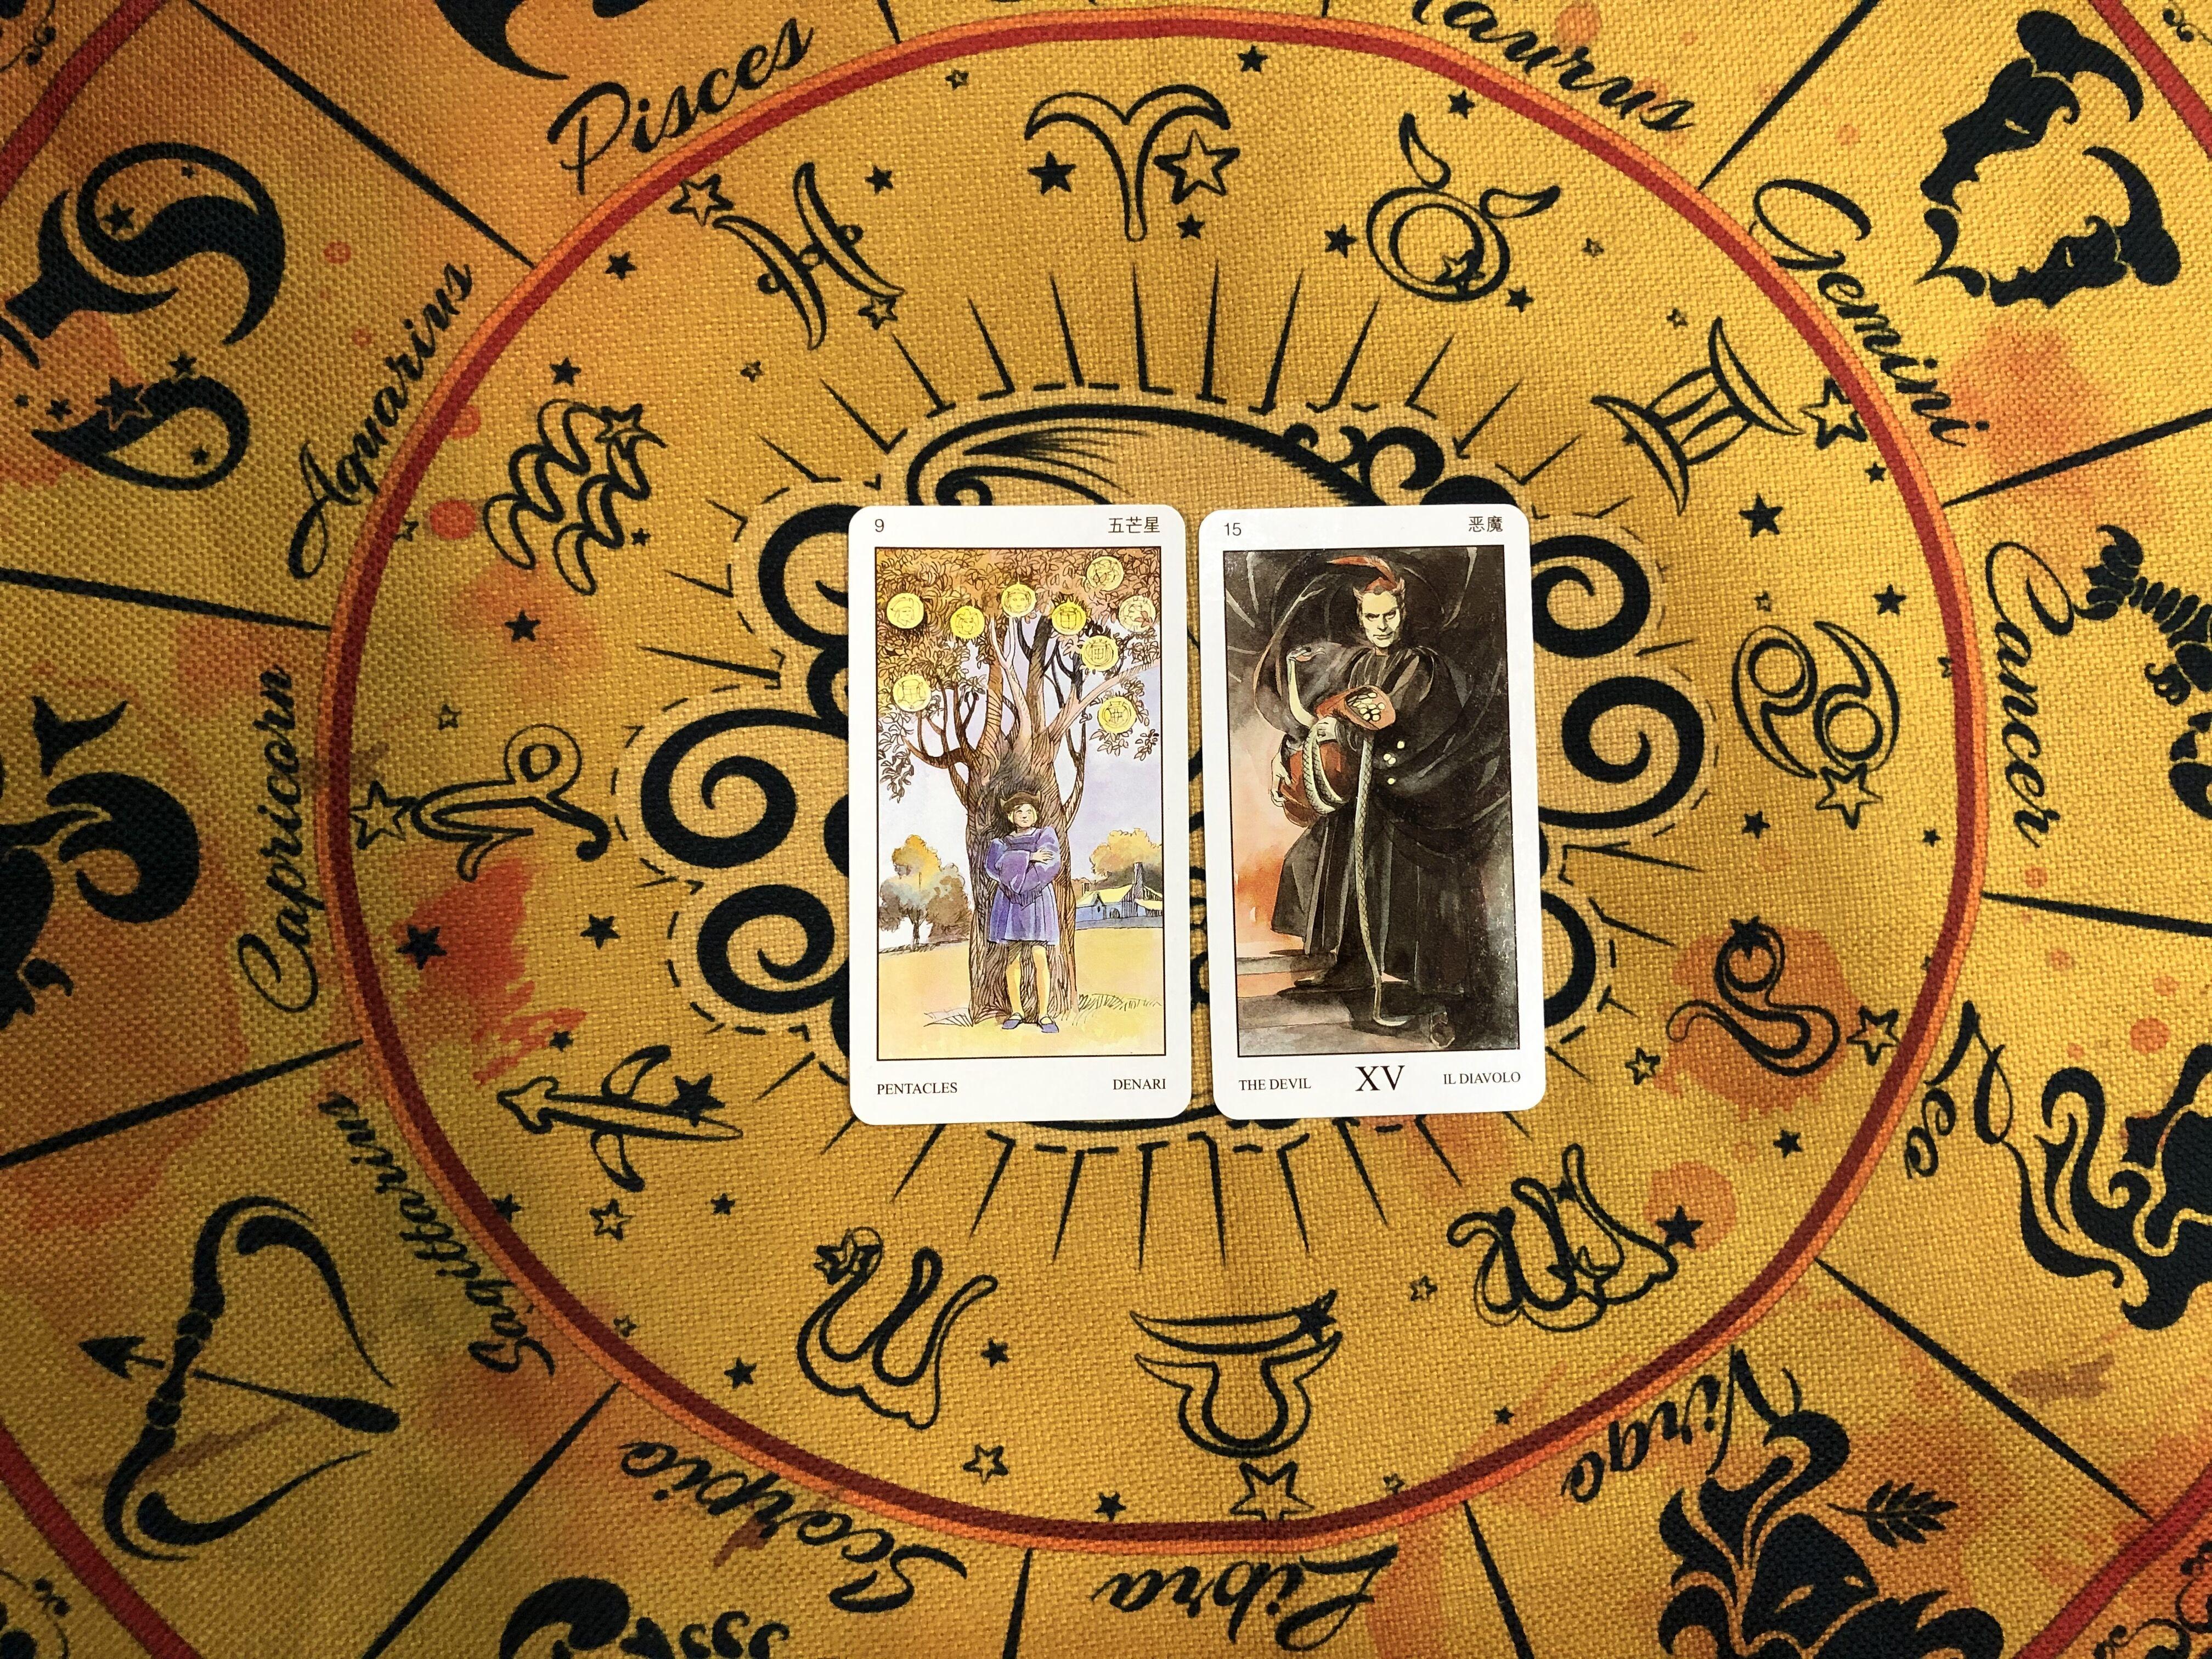 魔巫塔罗:5月狮子座塔罗运势,旧人可能出现,爱情开始递减